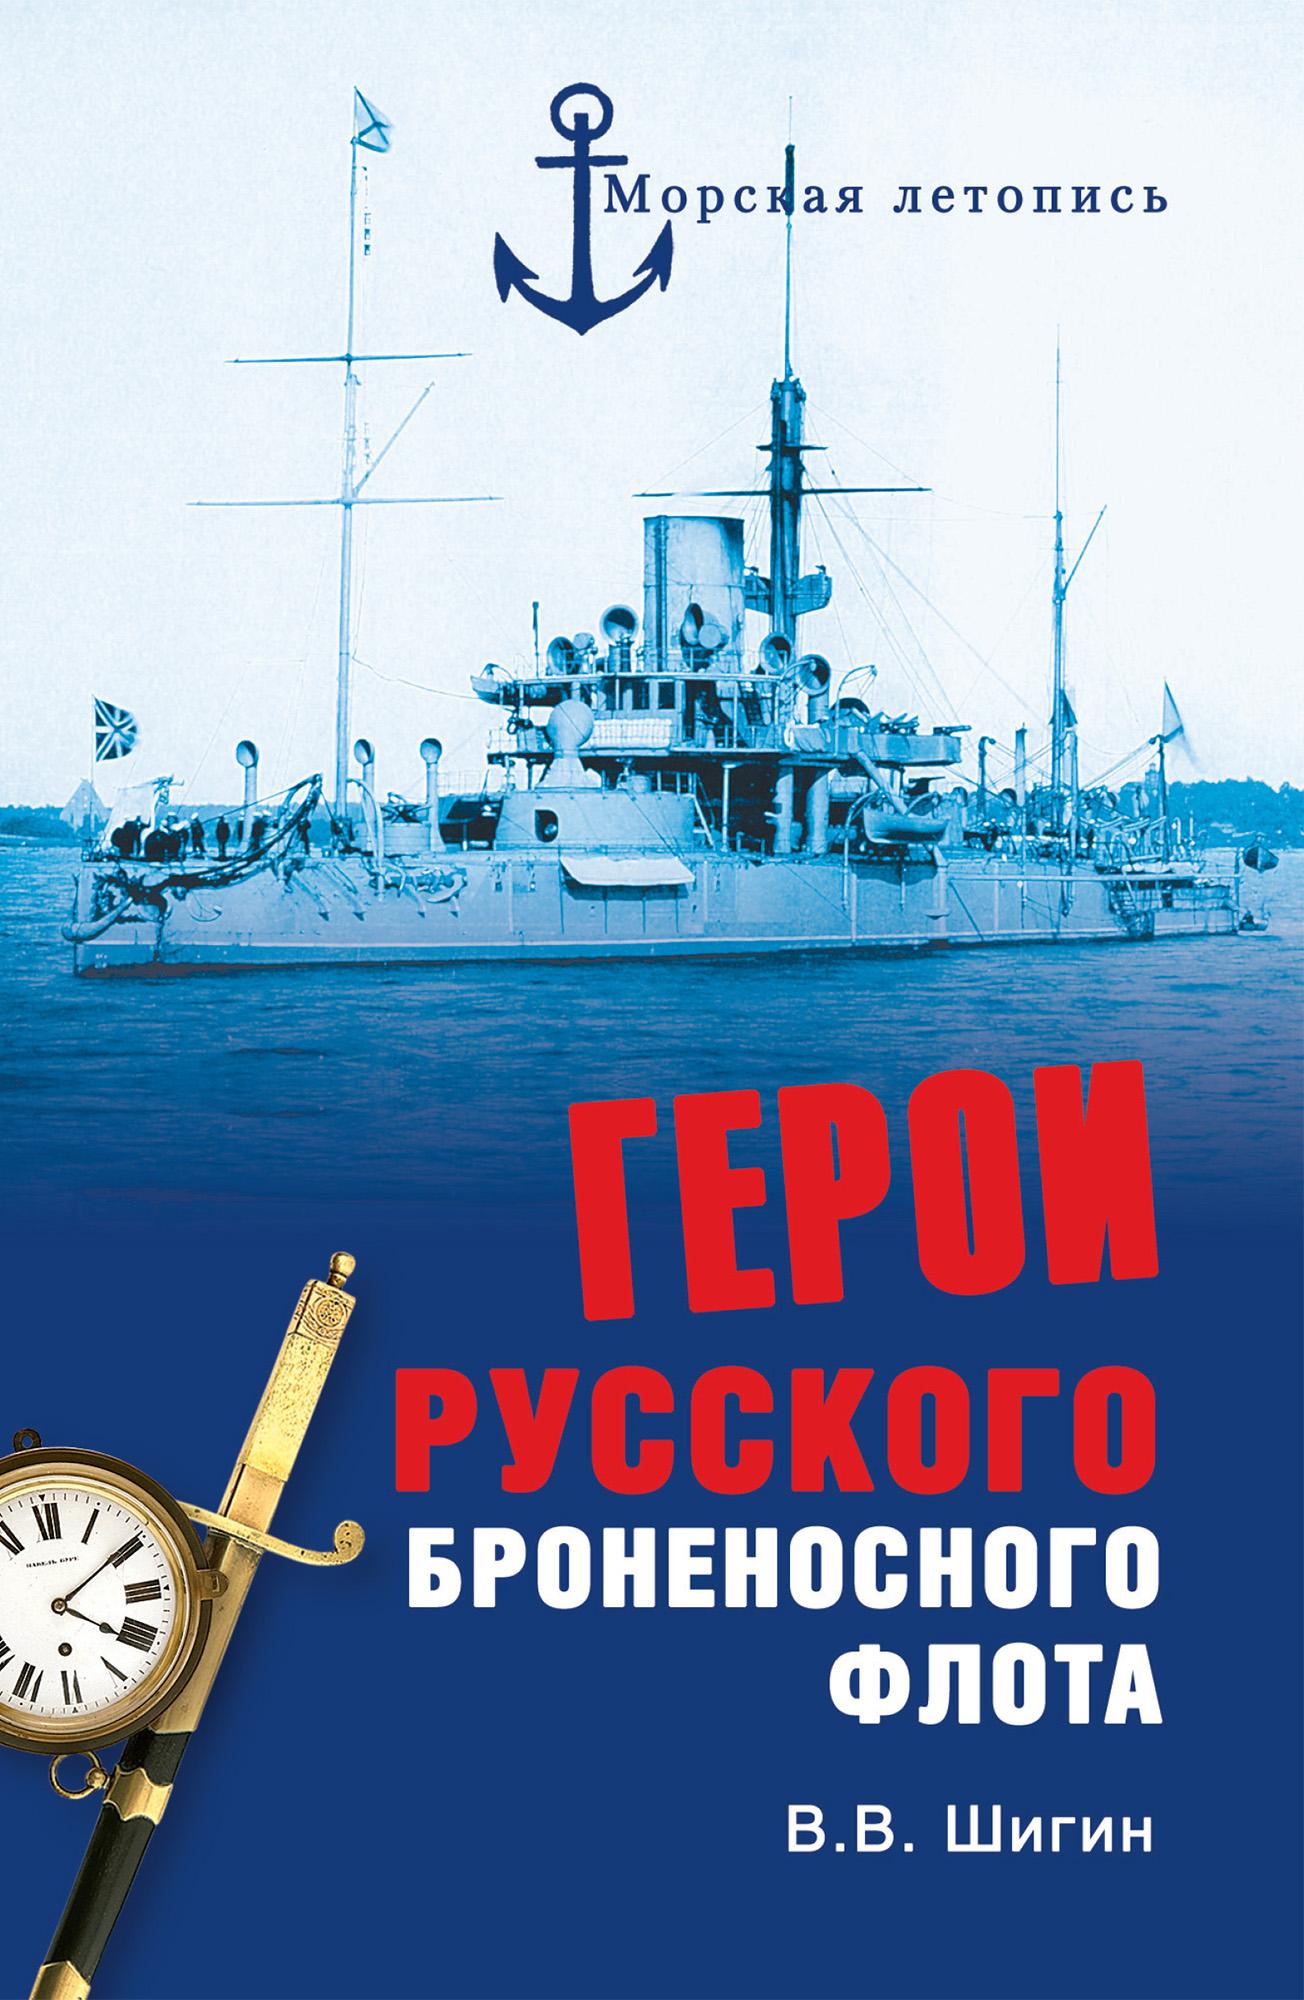 geroi russkogo bronenosnogo flota